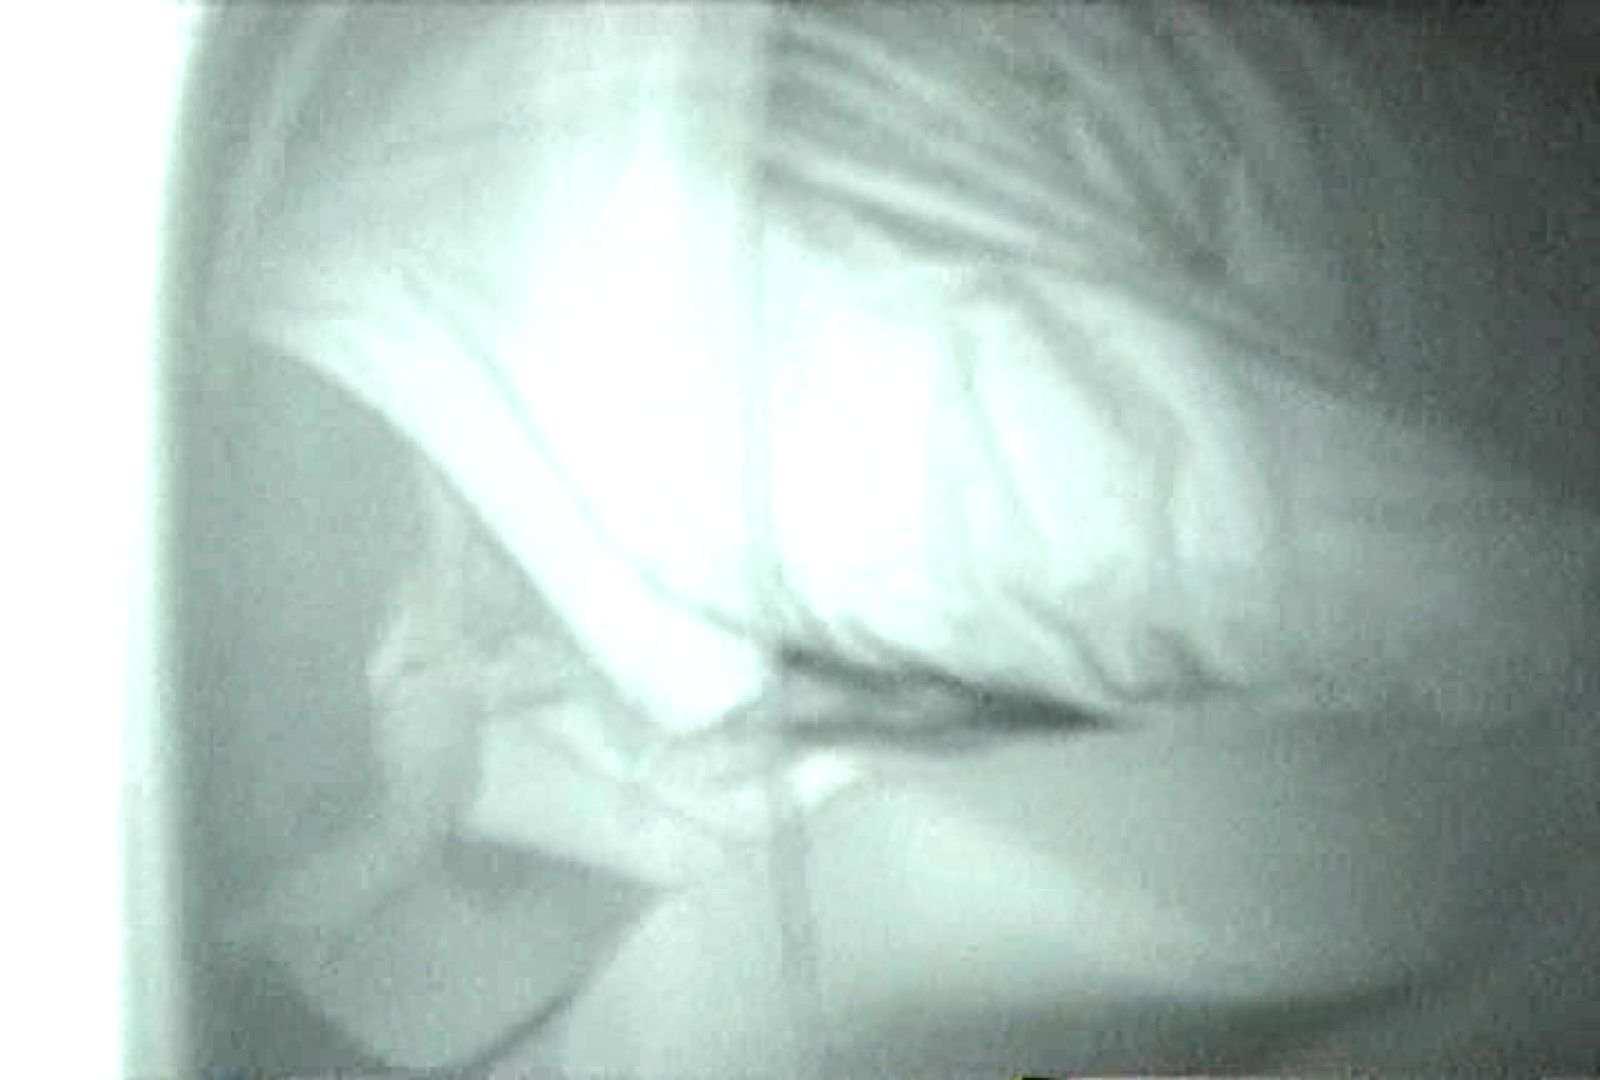 充血監督の深夜の運動会Vol.90 OLセックス 盗撮動画紹介 110画像 92